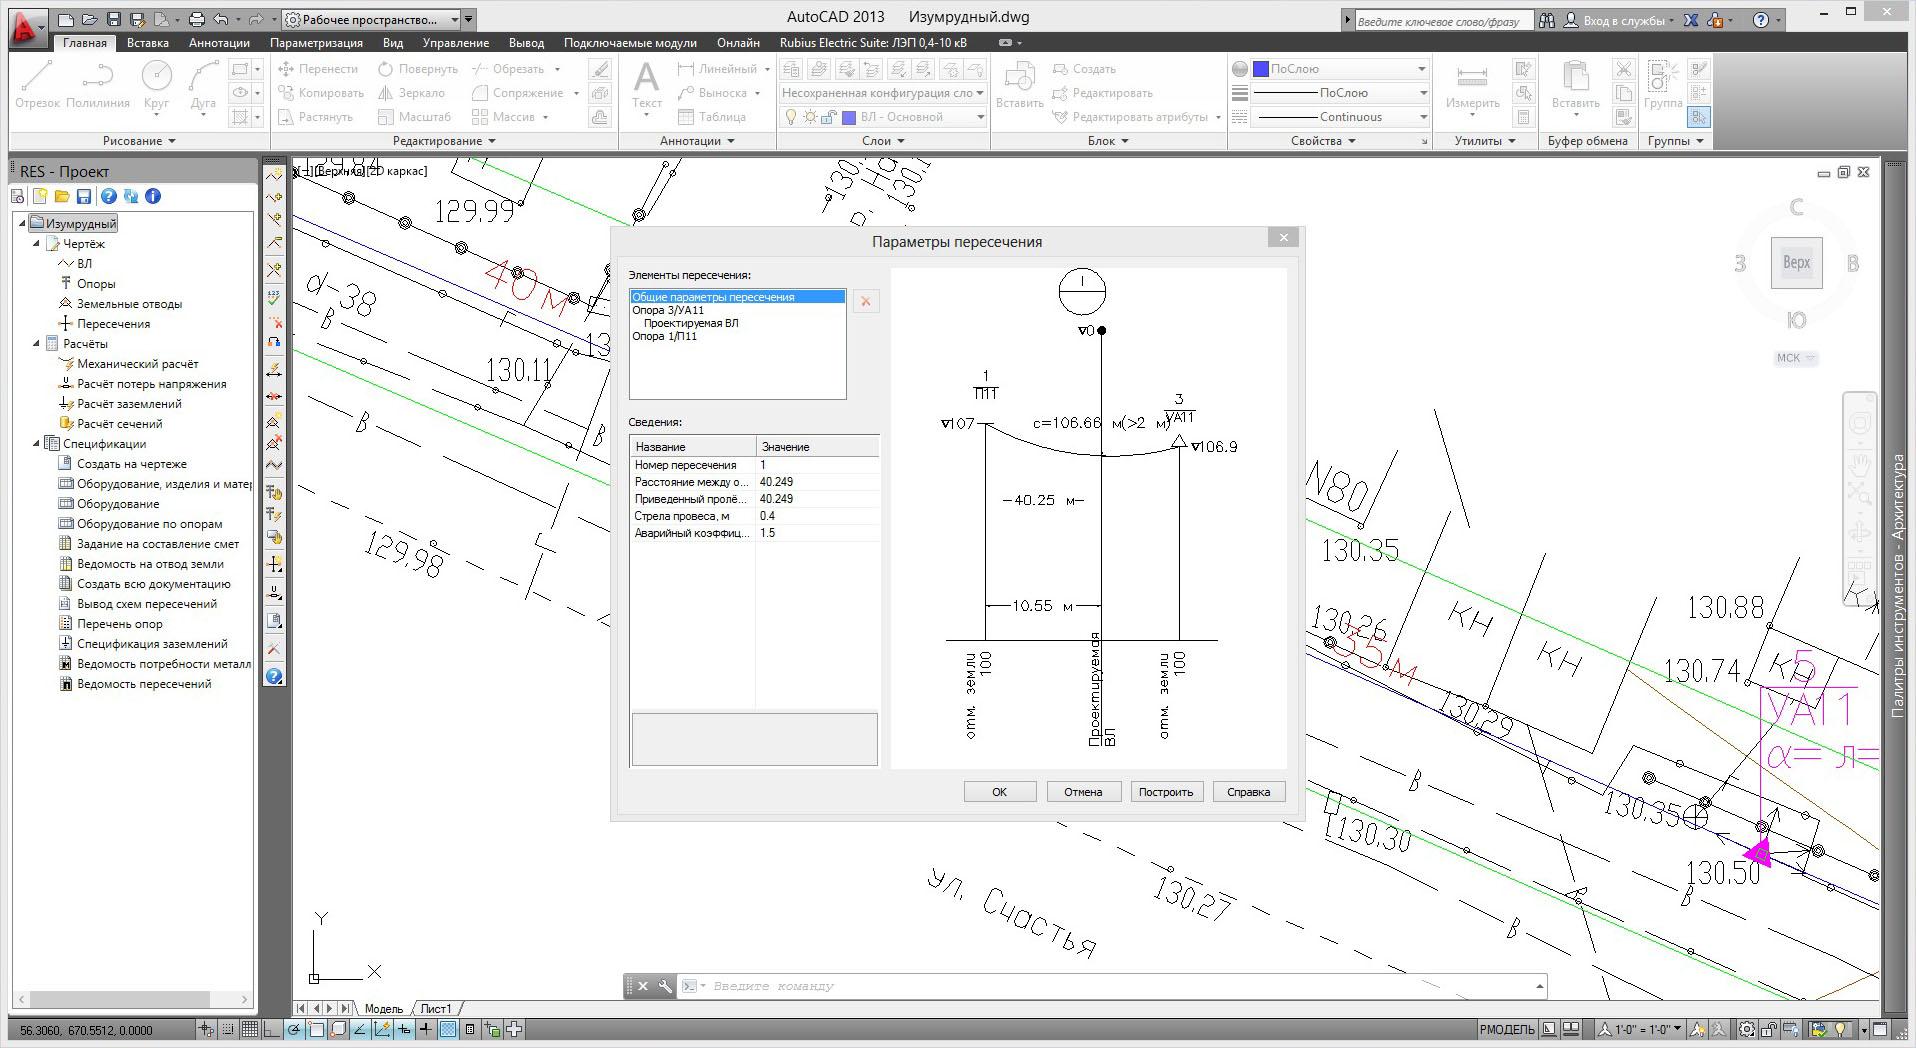 Расчёт и построение пересечений с инженерными сооружениями, водоёмами